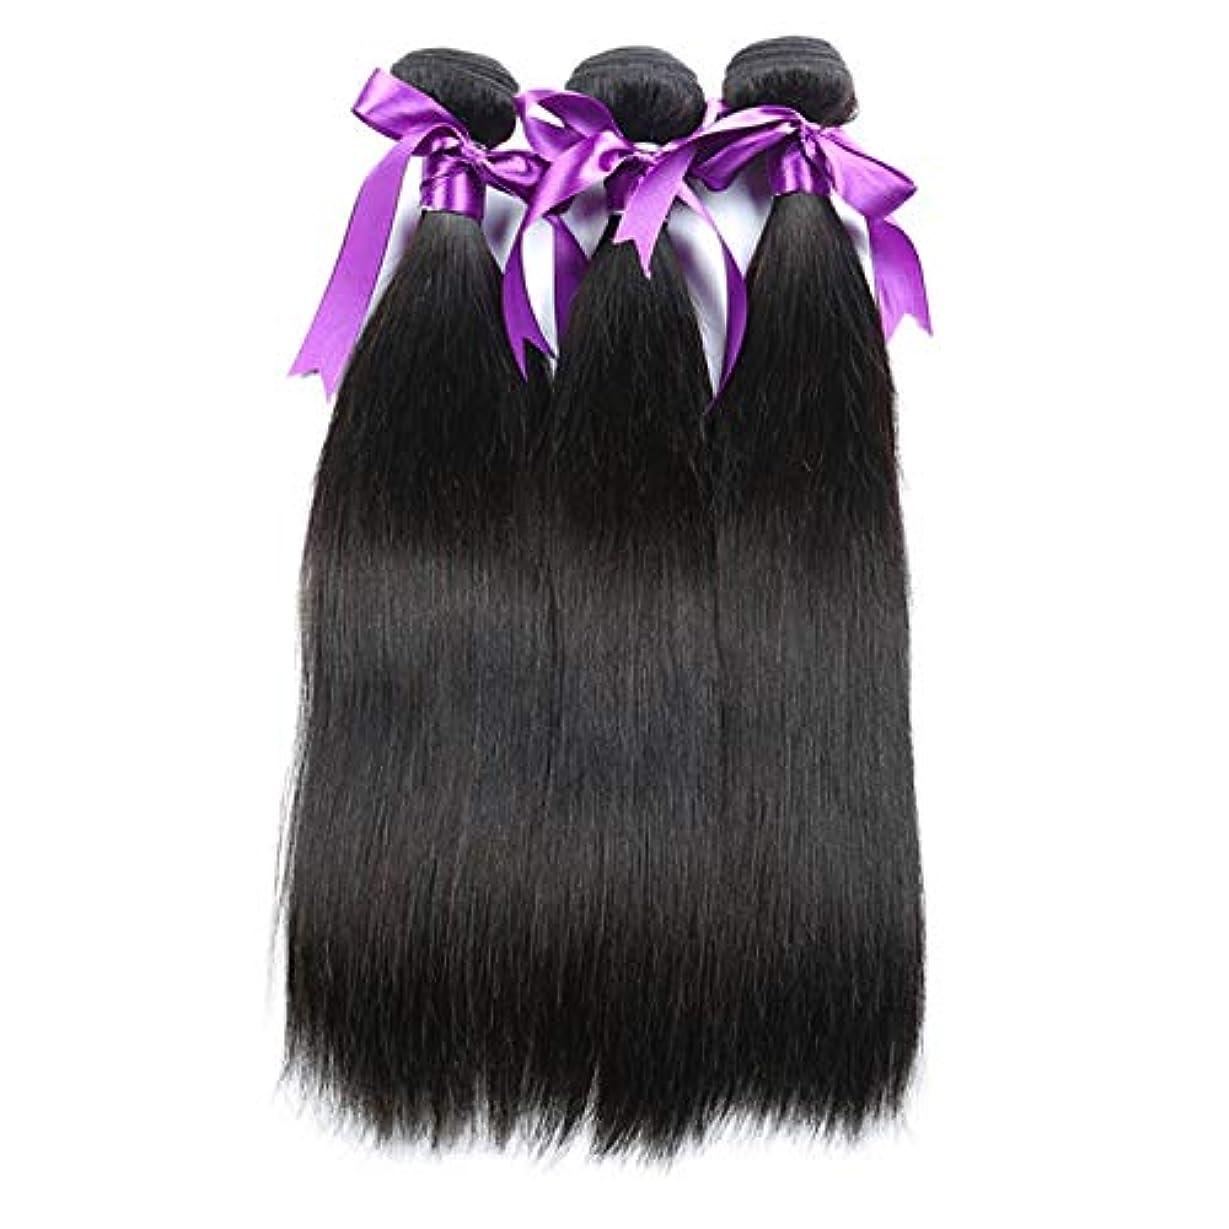 乱闘キルス実質的にブラジルストレートヘアバンドル8-28インチ100%人毛織りレミー髪ナチュラルカラー3ピースボディヘアバンドル (Stretched Length : 22 22 24)